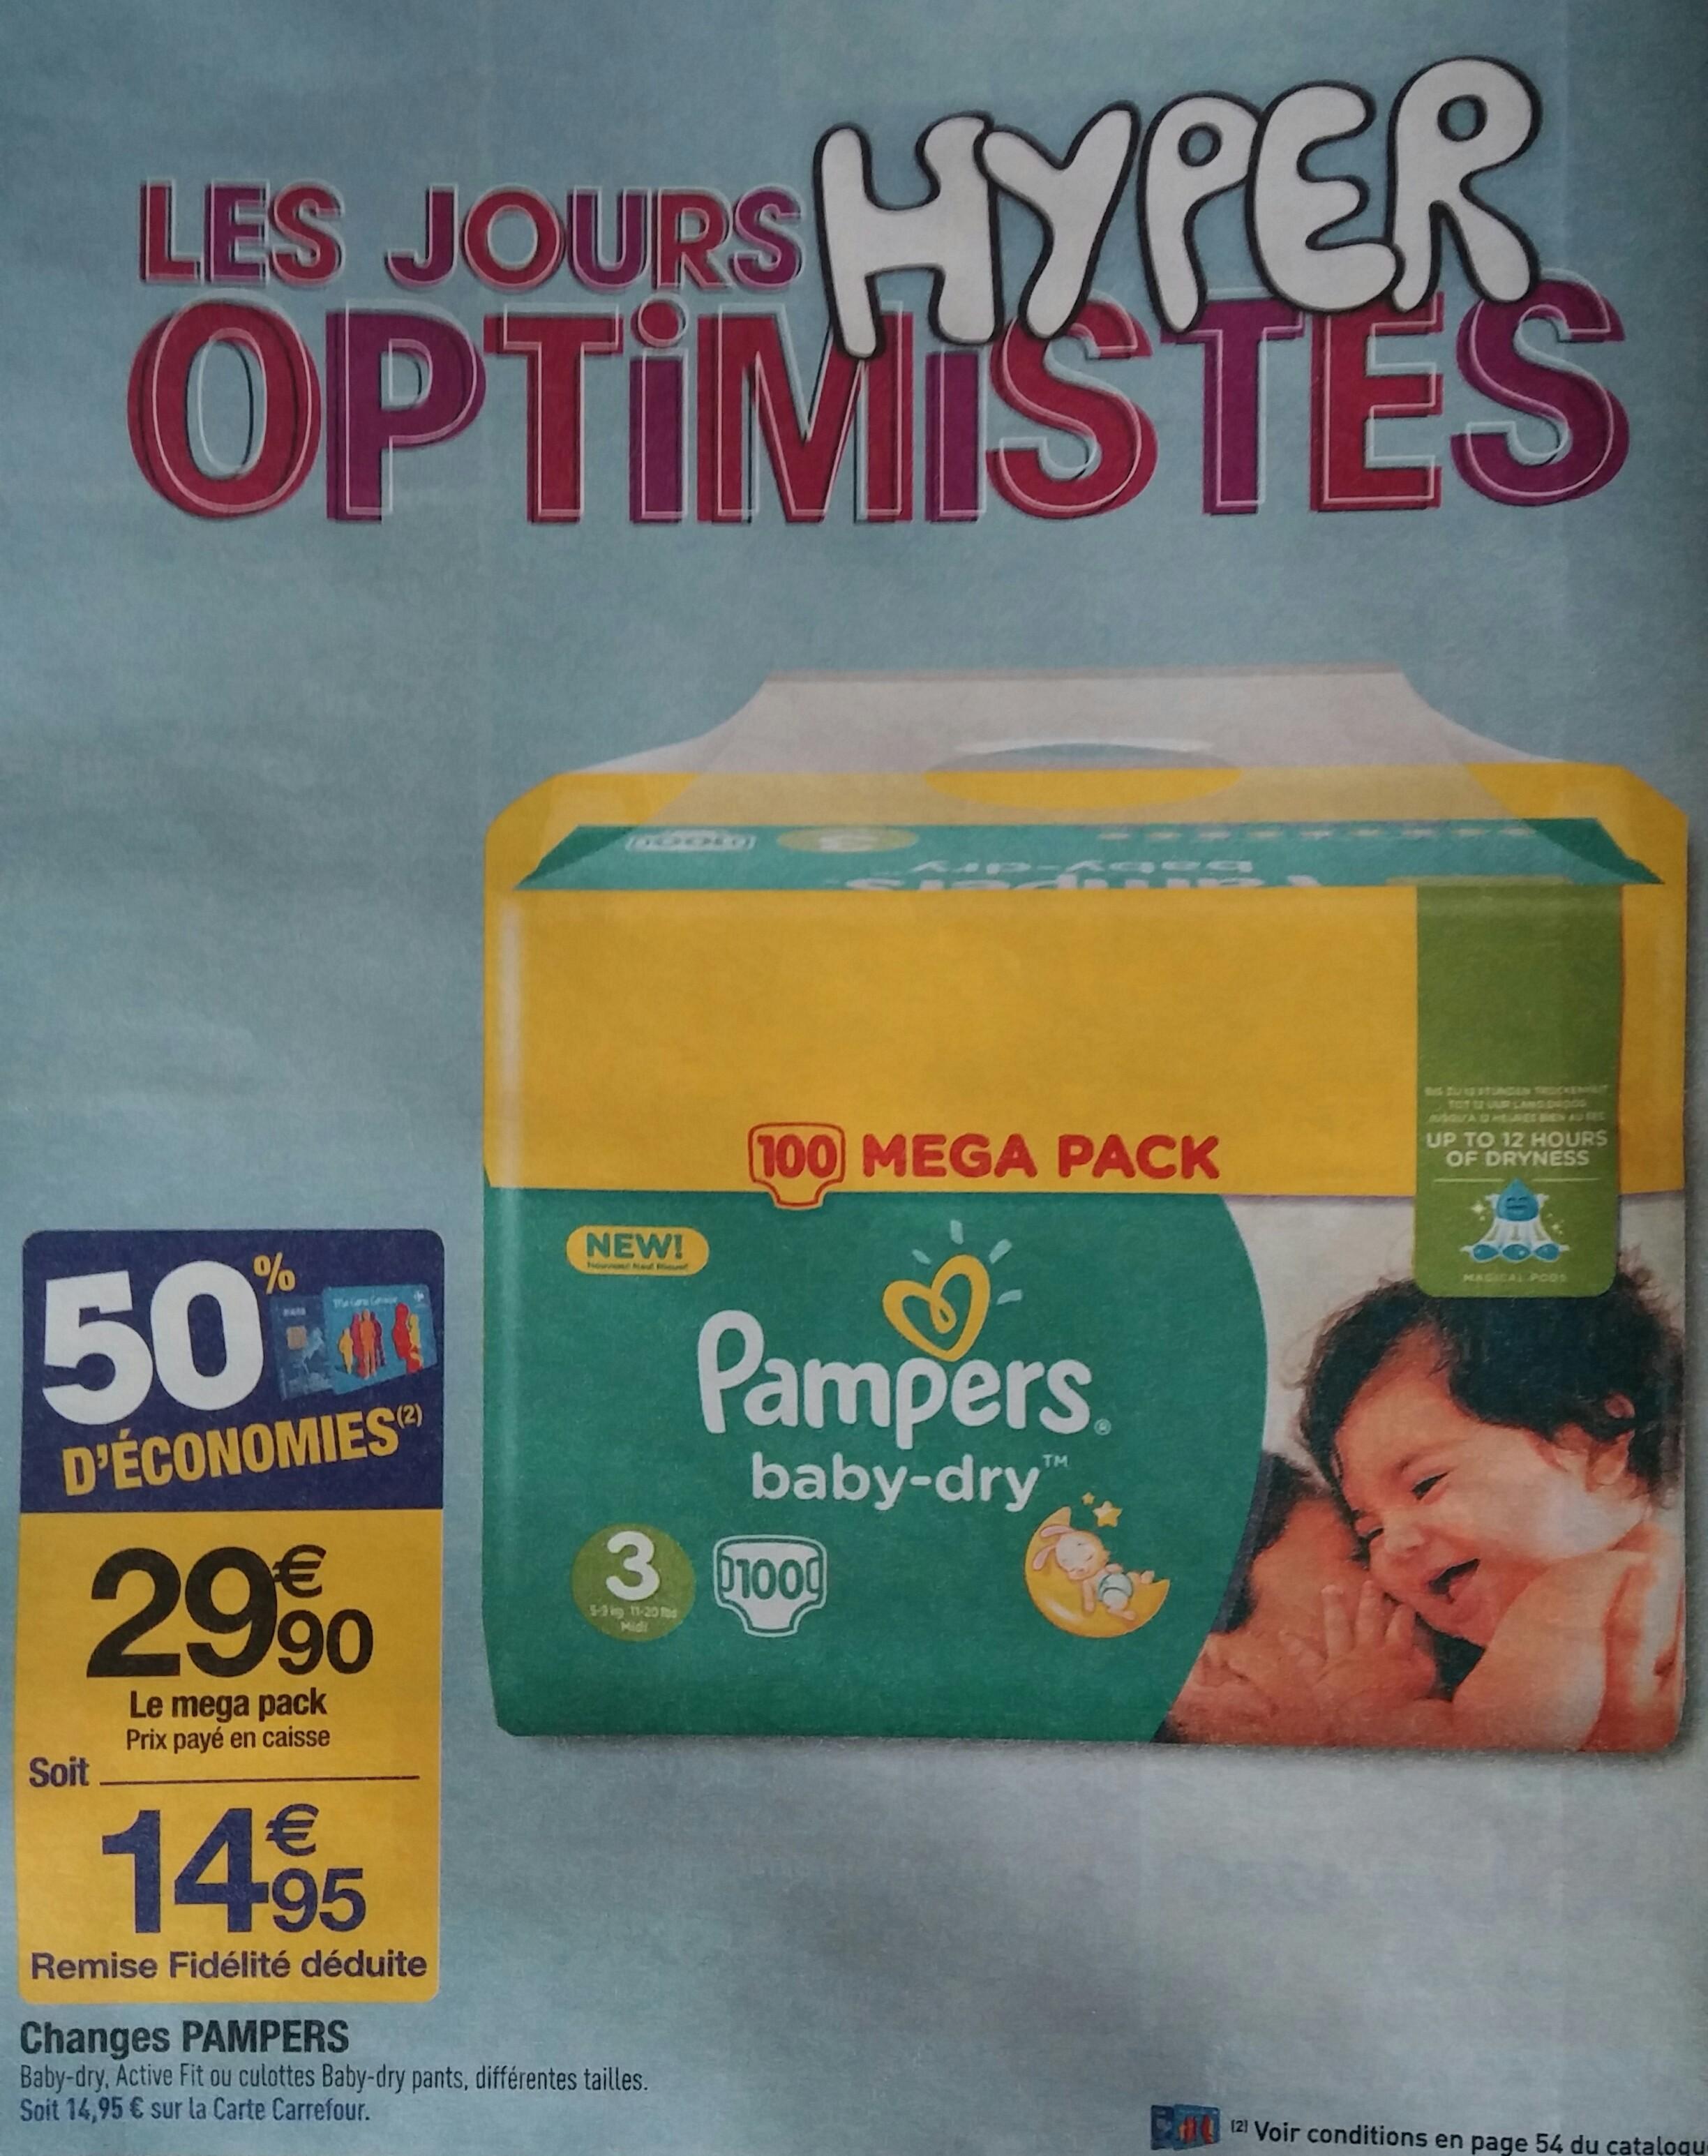 Lot de 100 Couches Pampers Baby-dry, Active Fit, Pants - Différentes tailles (via 14,95€ sur la carte de fidélité + BDR + C-Wallet)